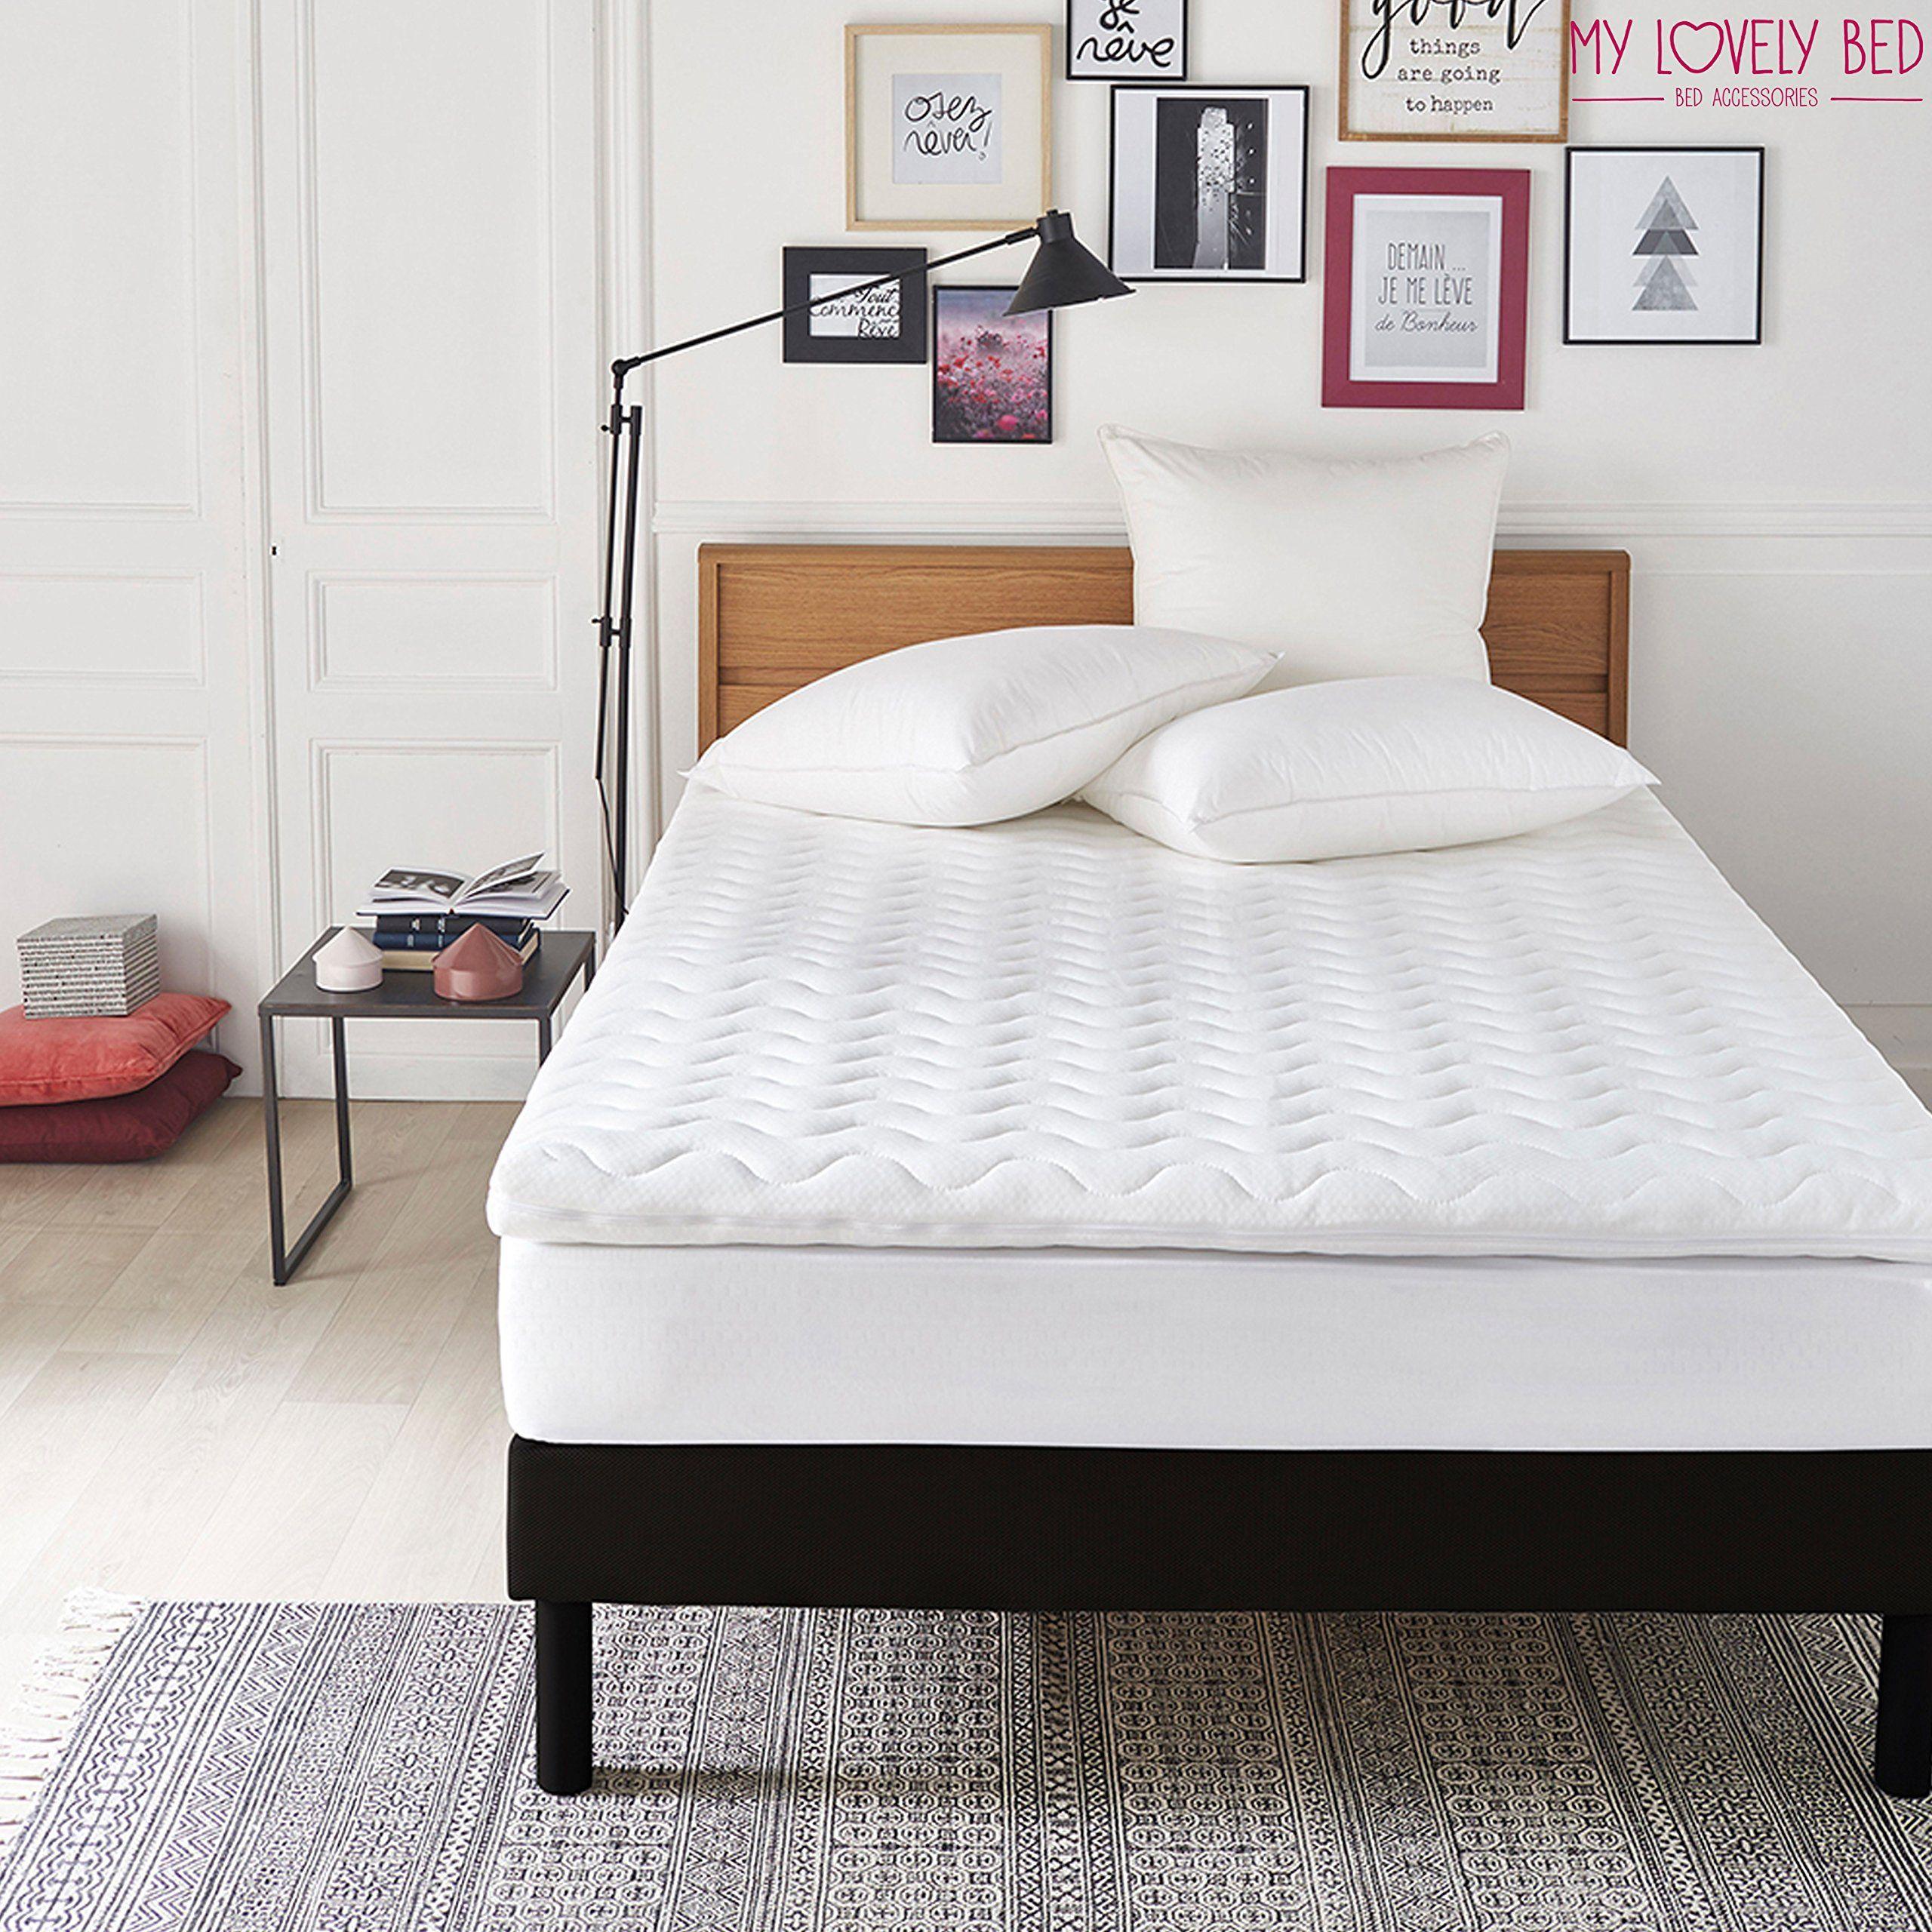 Rinnova il materasso Matrimoniale My Lovely Bed - Altezza 7CM Correttore Materasso Memory 160x200 cm Topper Memory Foam Matrimoniale Ergonomico